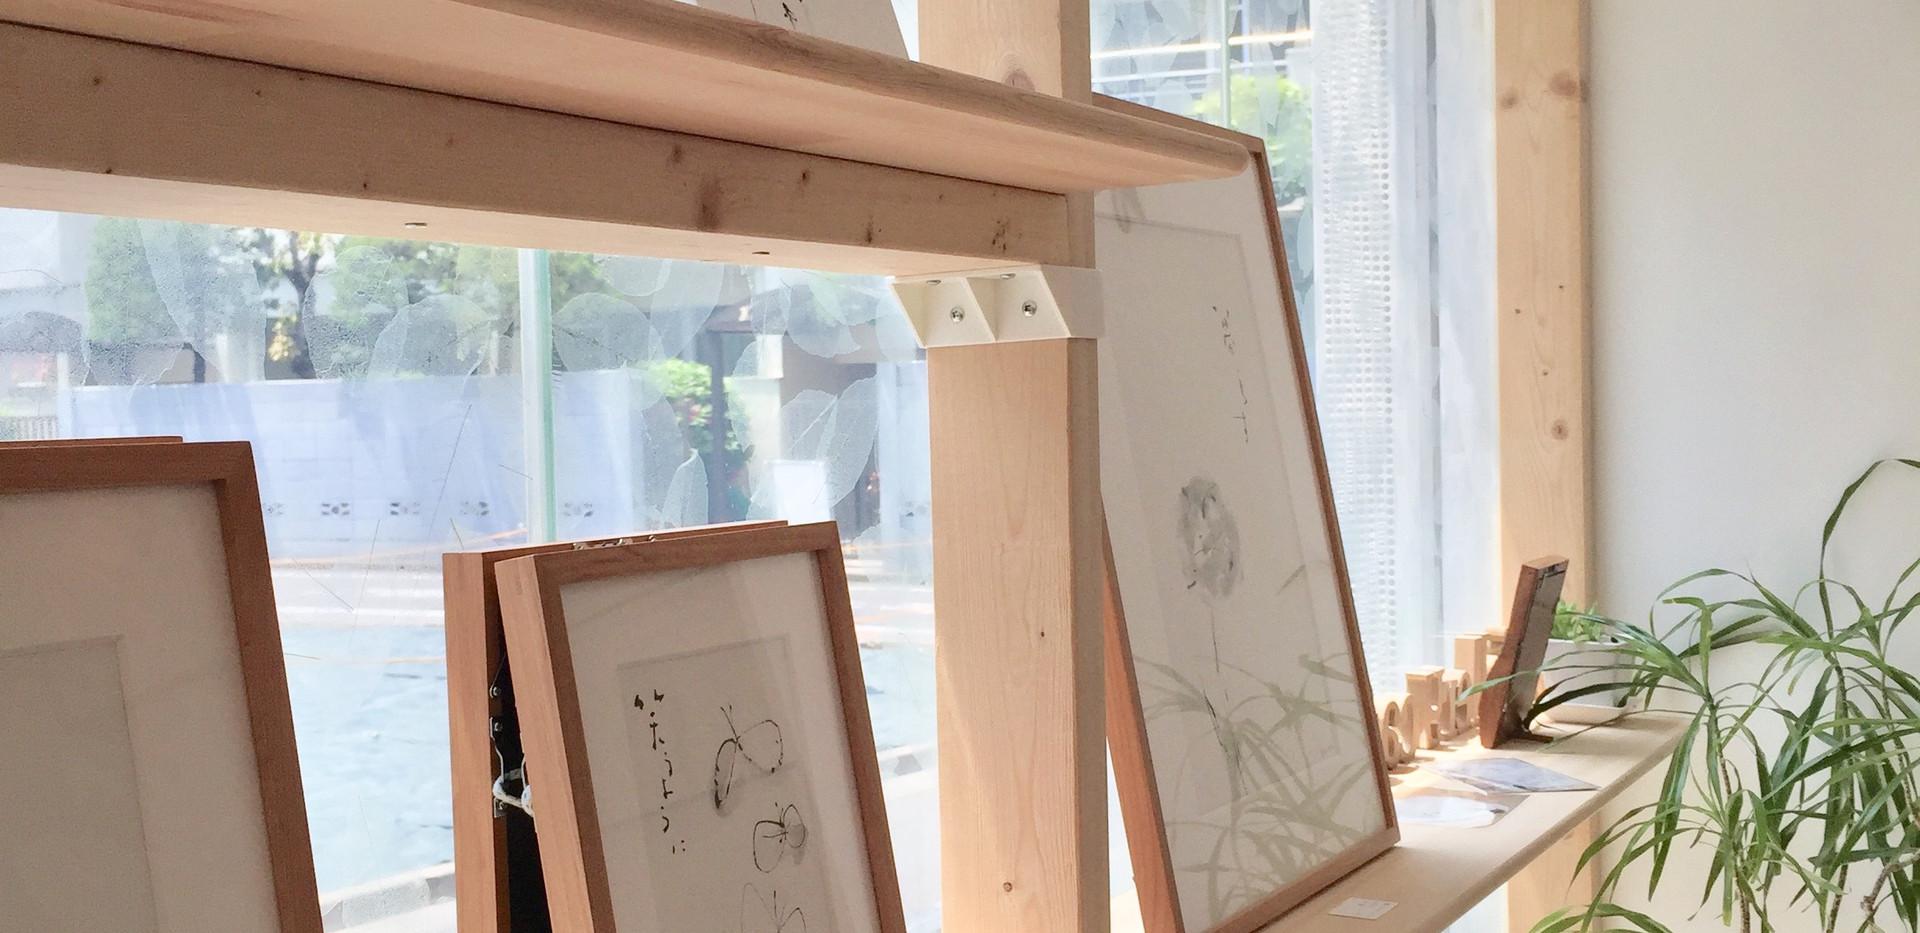 アロマロースト様exhibition2.jpg